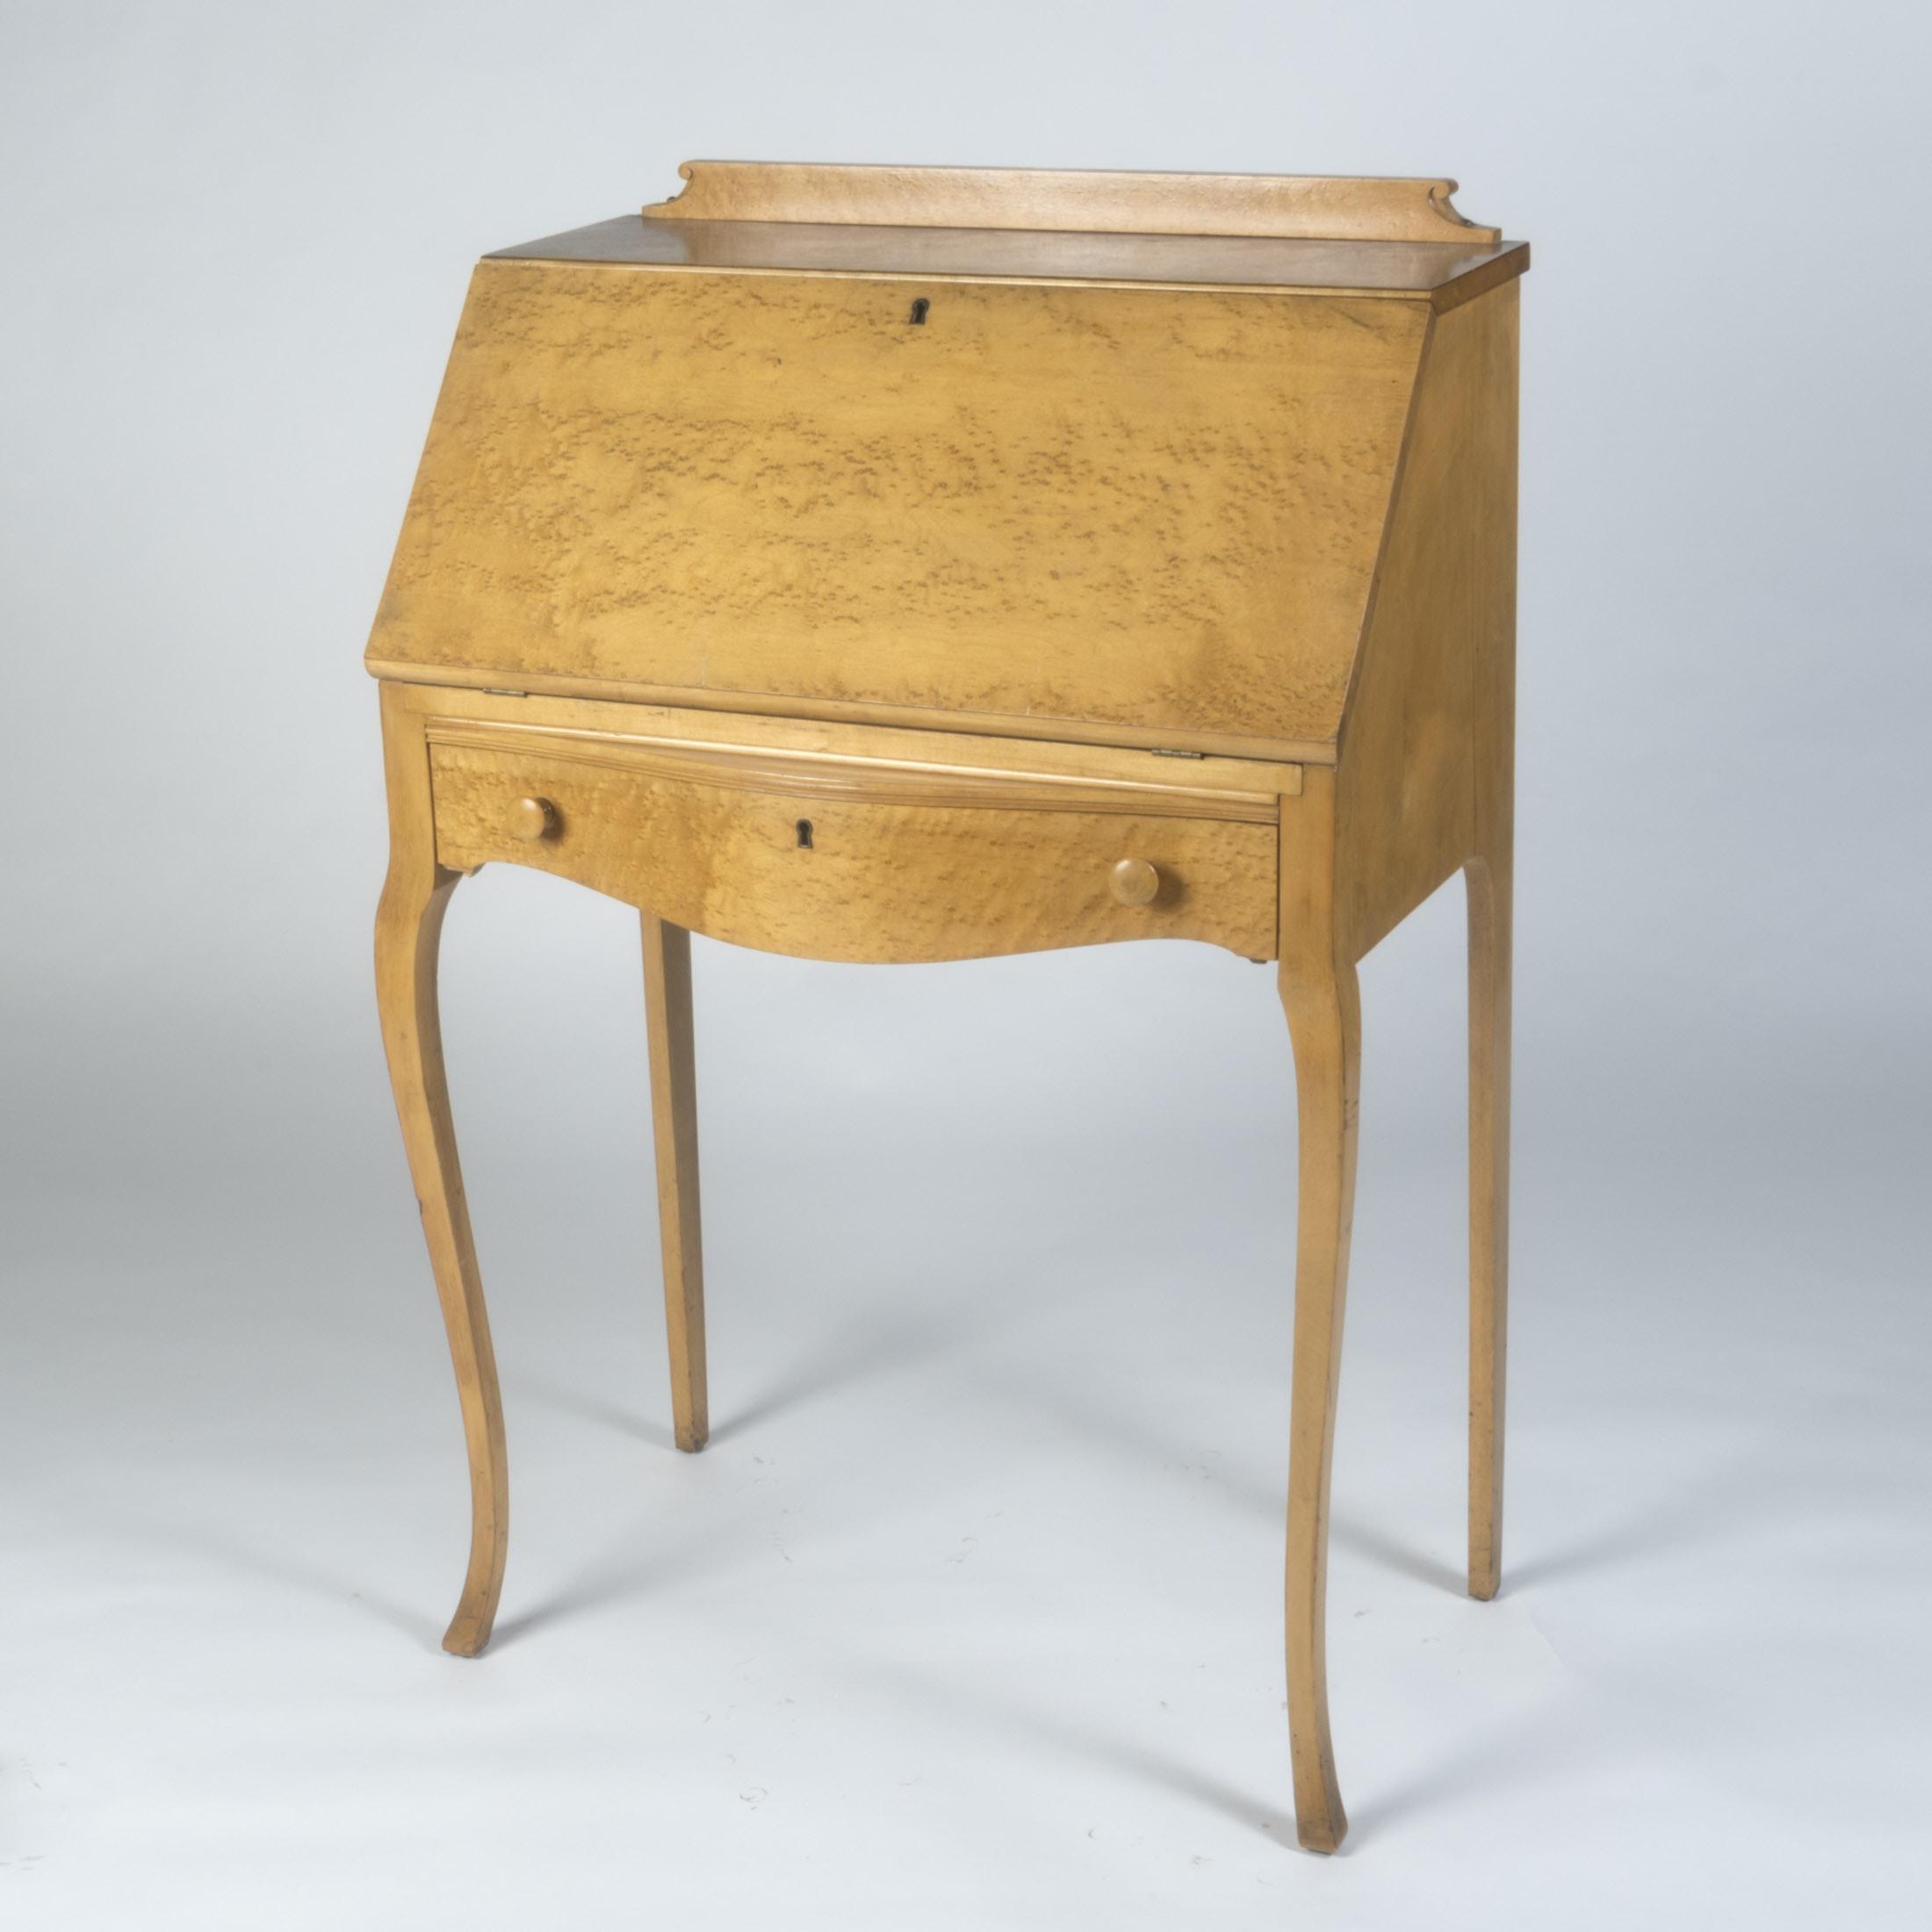 Birdseye Maple Fall-Front Desk